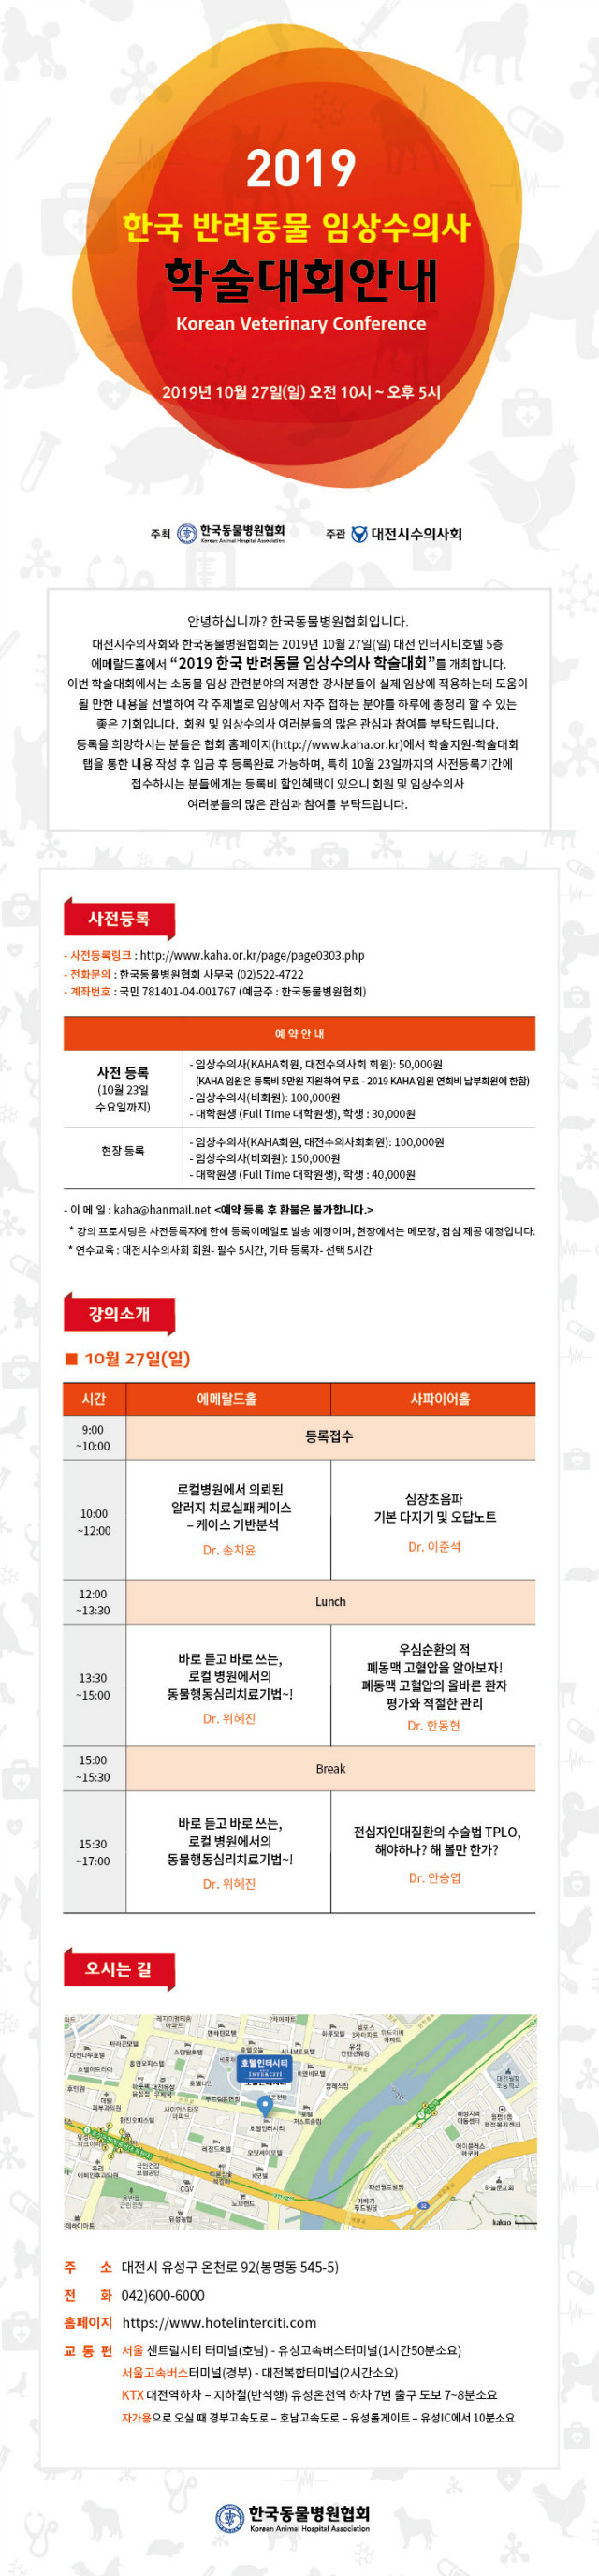 2019_한국반려동물임상수의사 학술대회_안내문.jpg